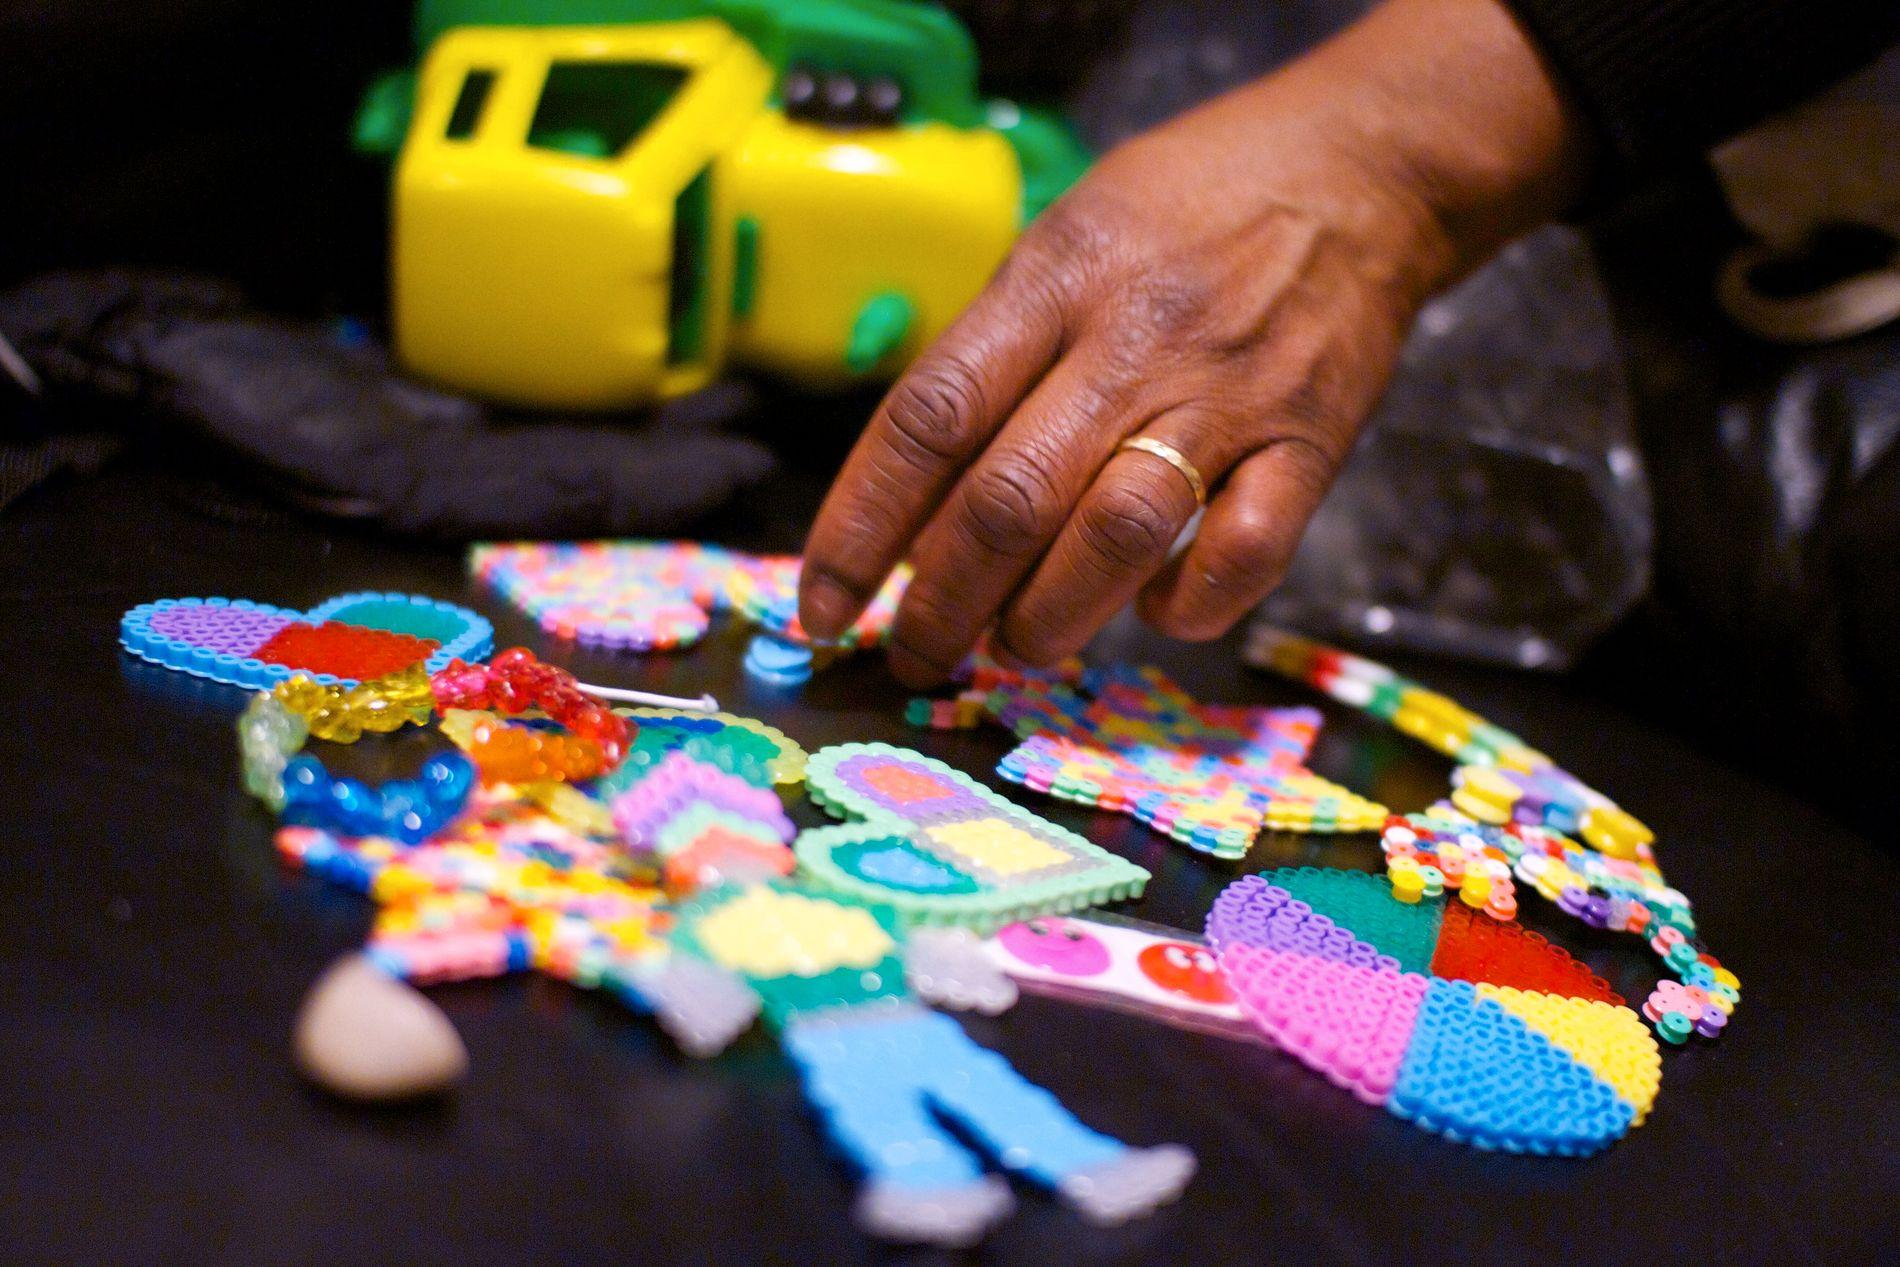 EN SØNNS KJÆRLIGHET: Sia viser frem perlesmykkene som sønnen har laget til henne.